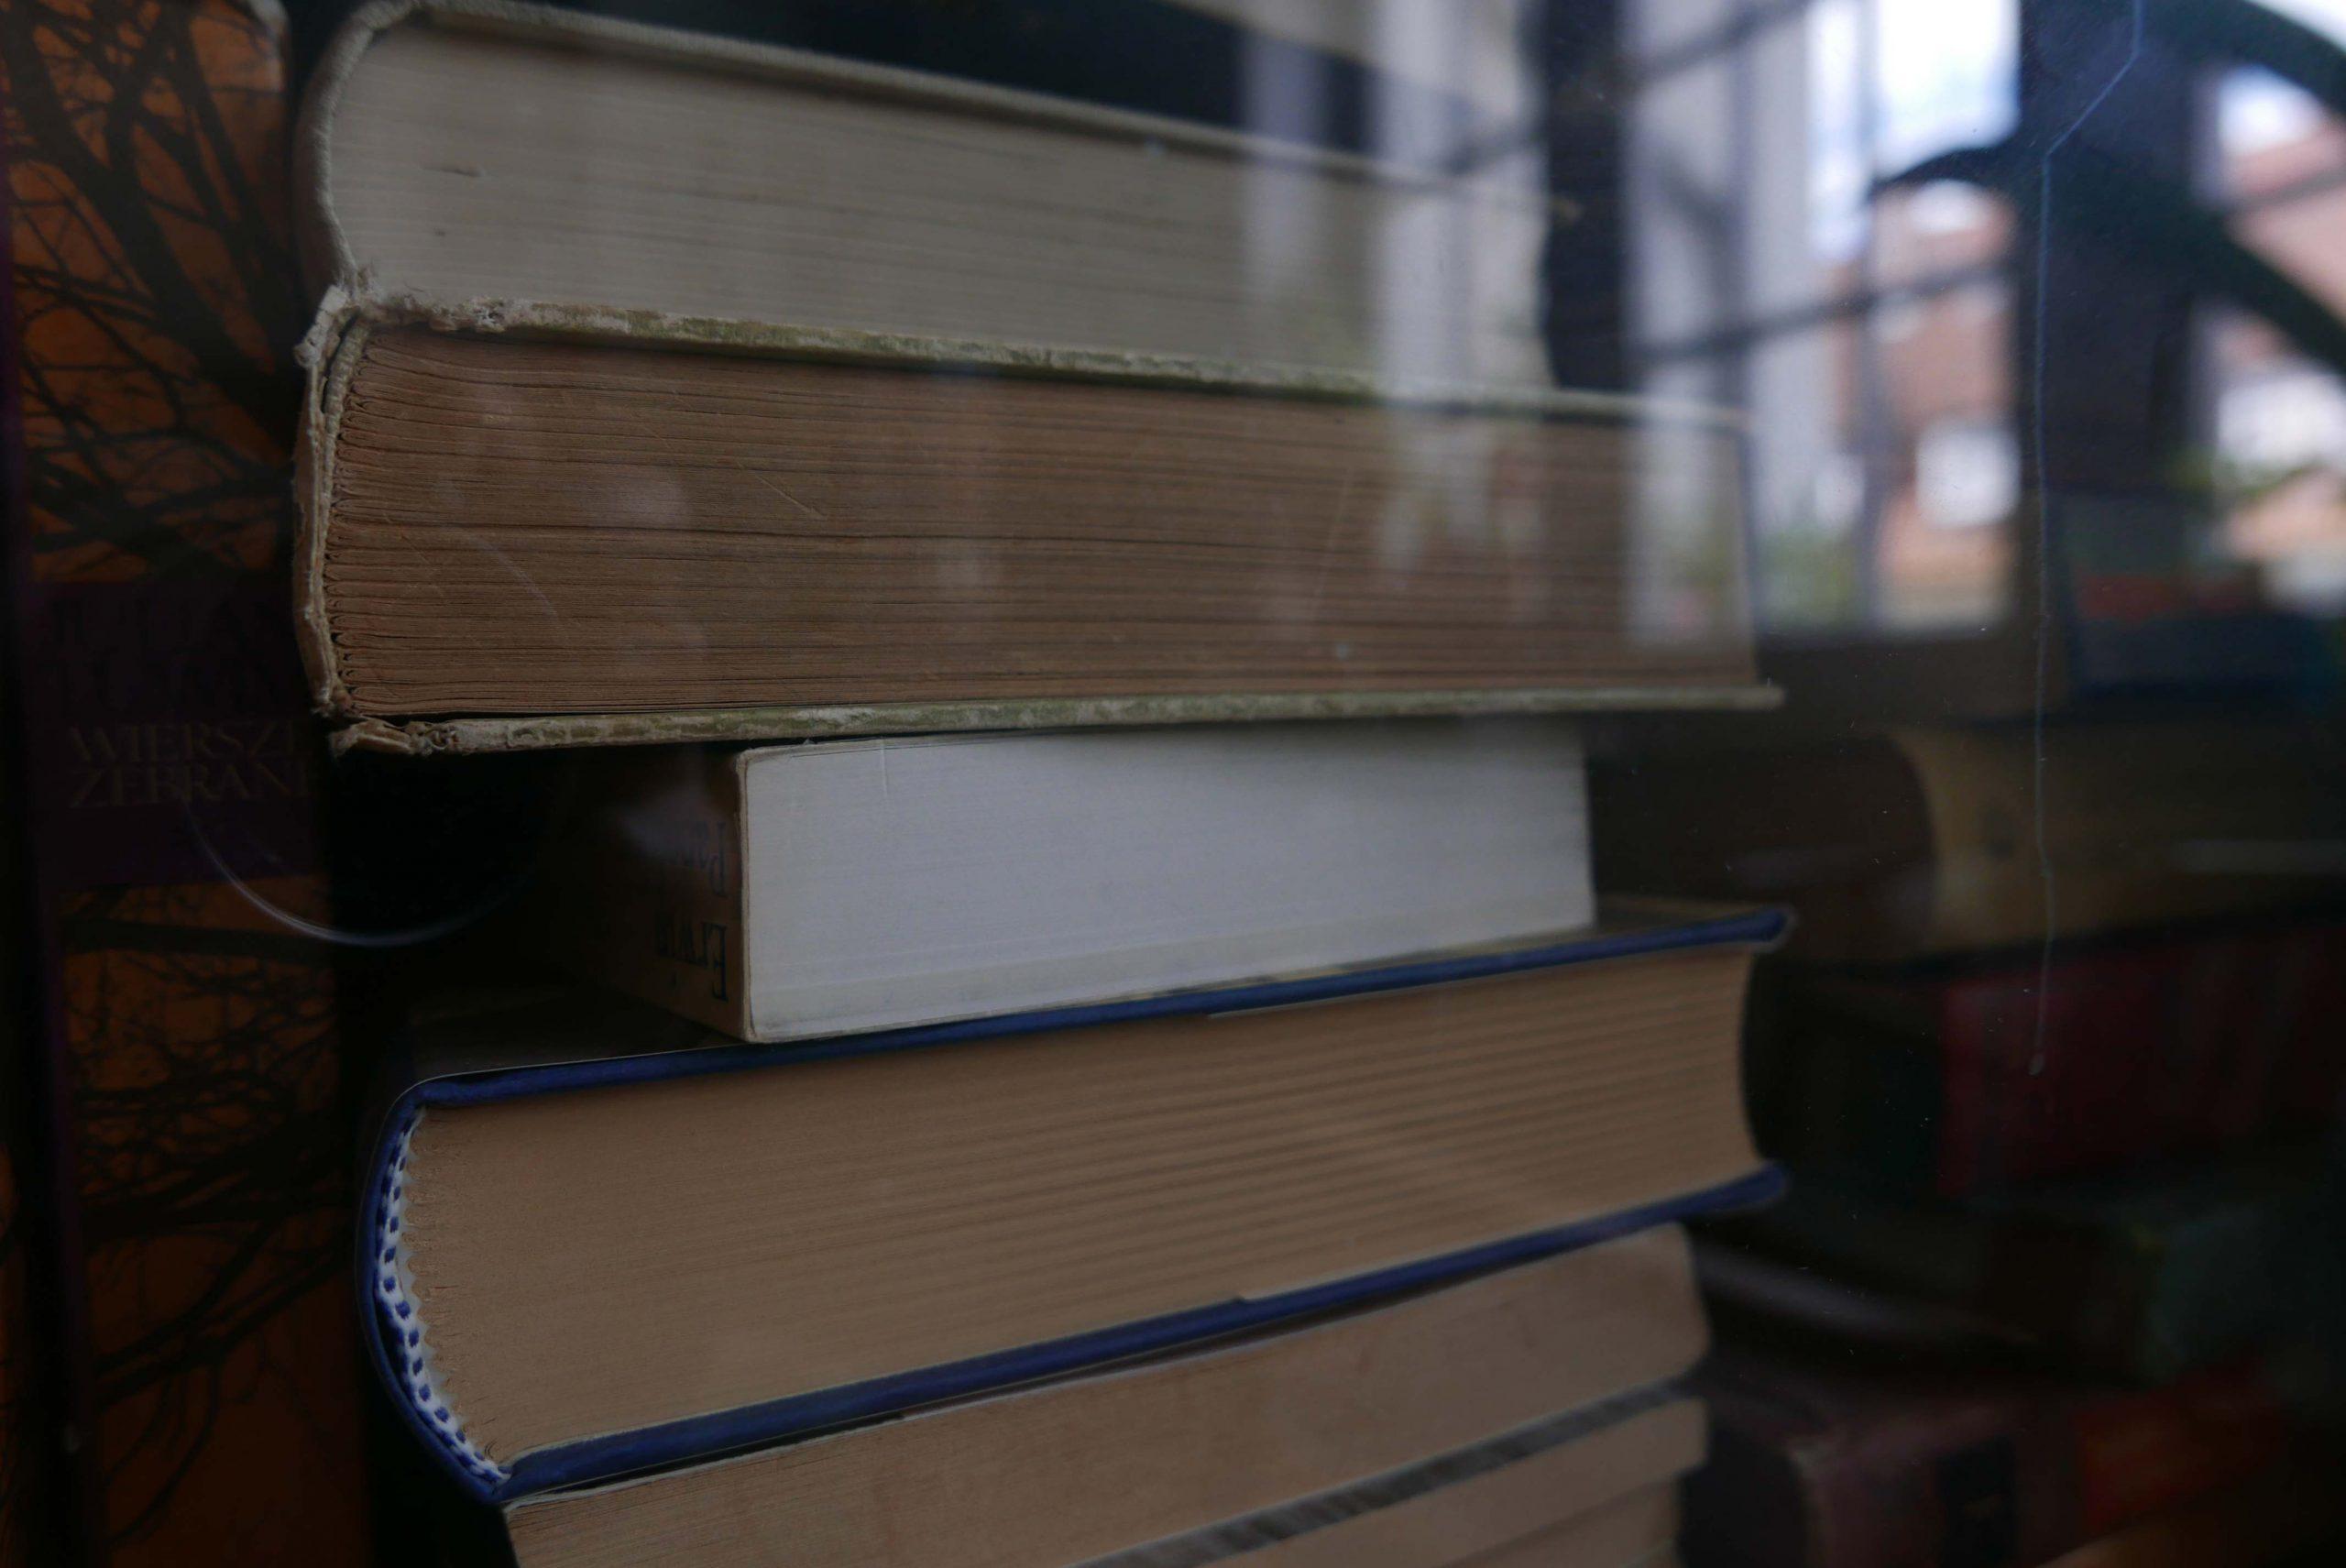 Bücher in dem Bücherschrank mit Spiegelung eines Fensters